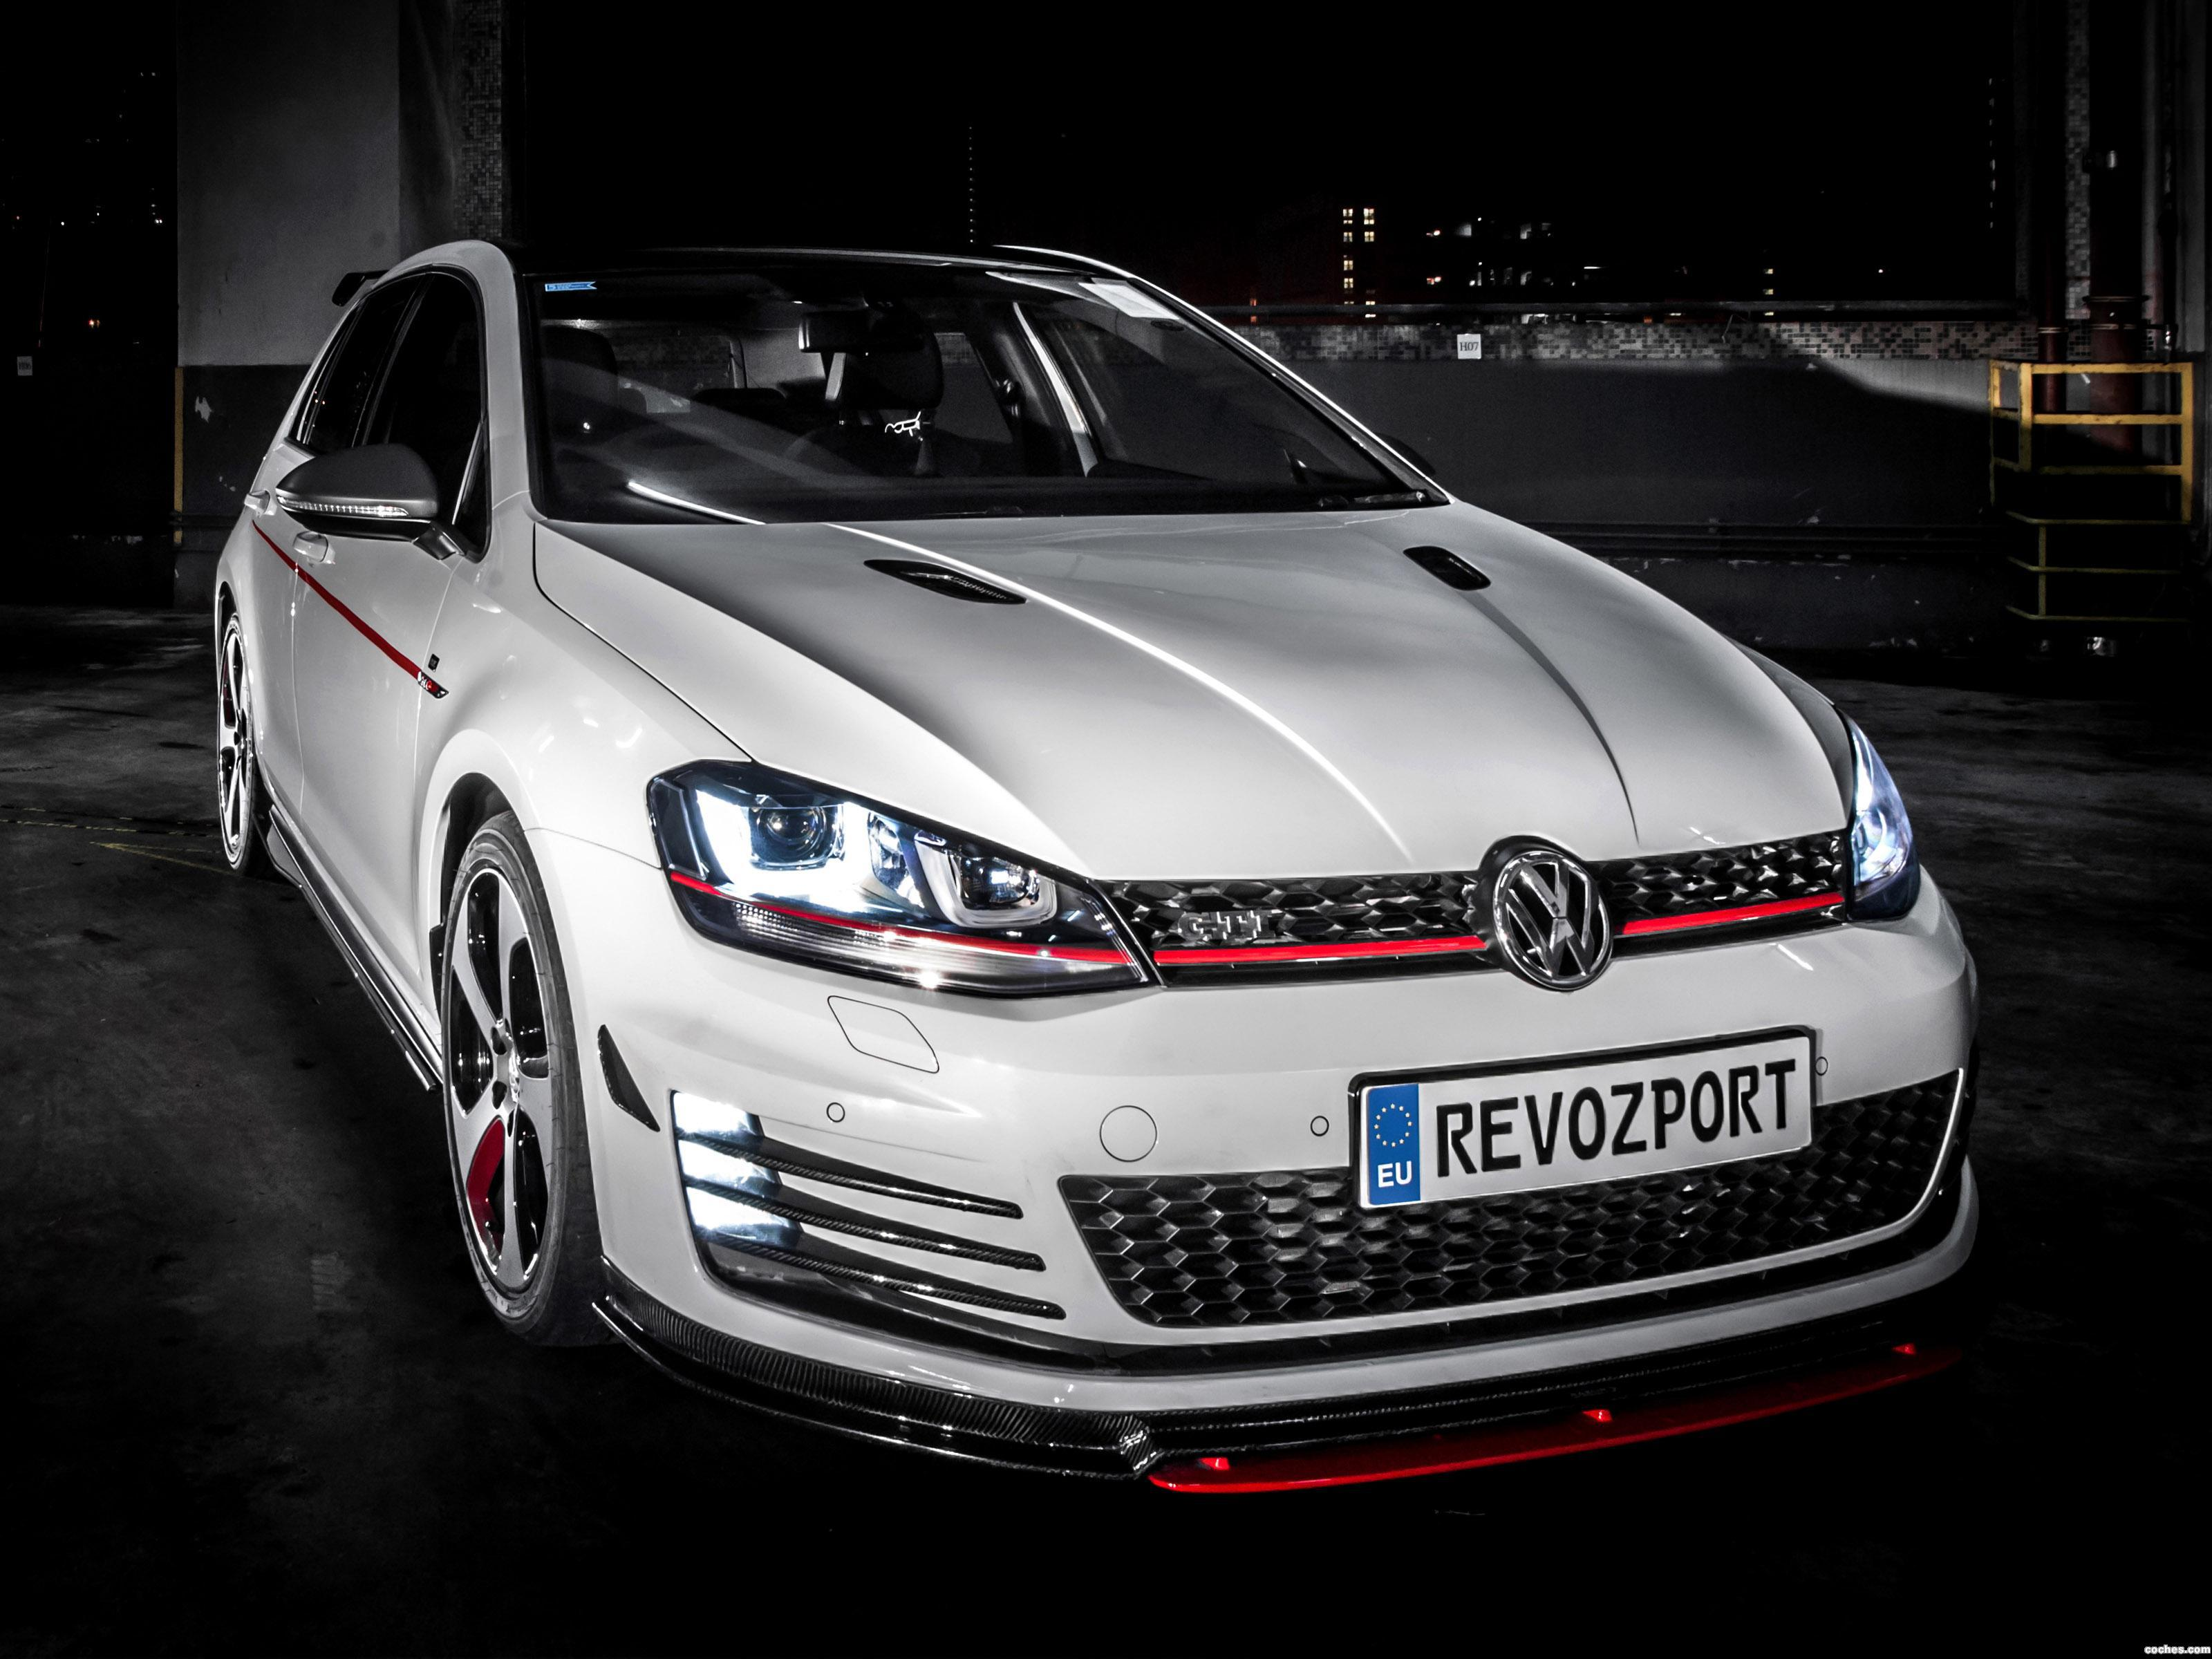 Foto 0 de Revozport Volkswagen Golf GTI Razor 7 2013